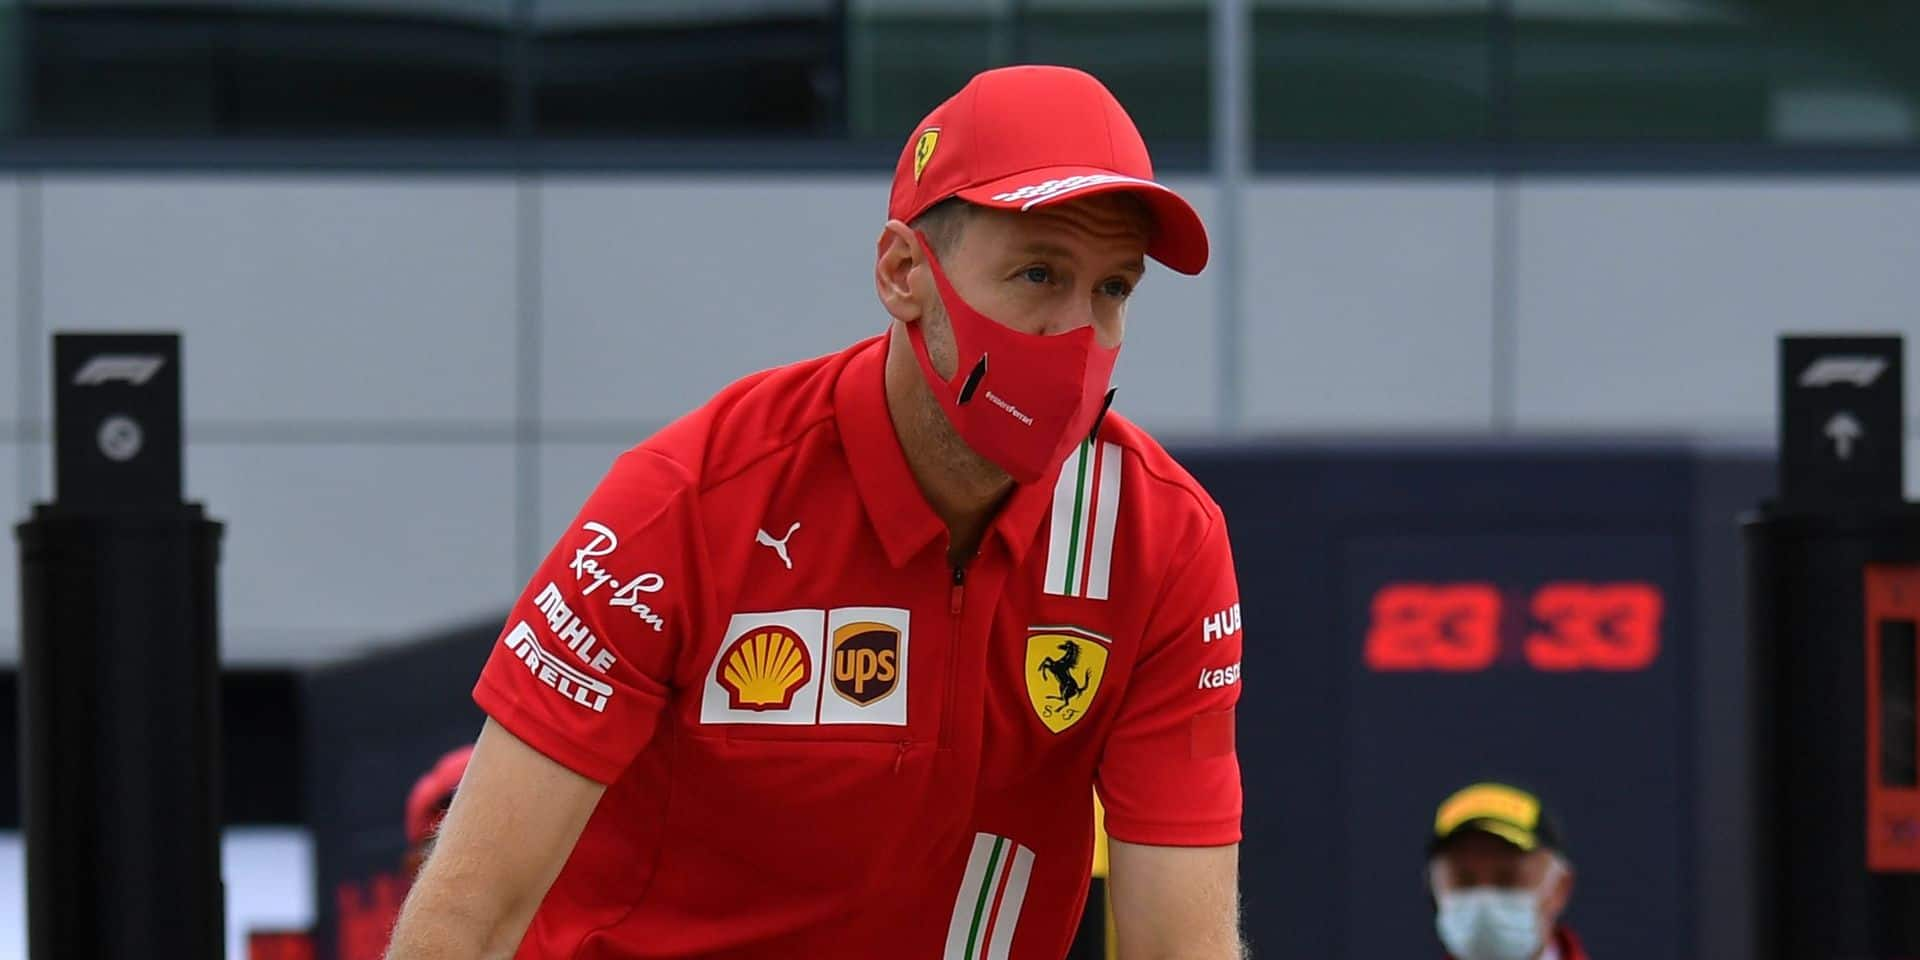 Le changement d'écurie de Vettel se précise pour 2021, des négociations sont en cours